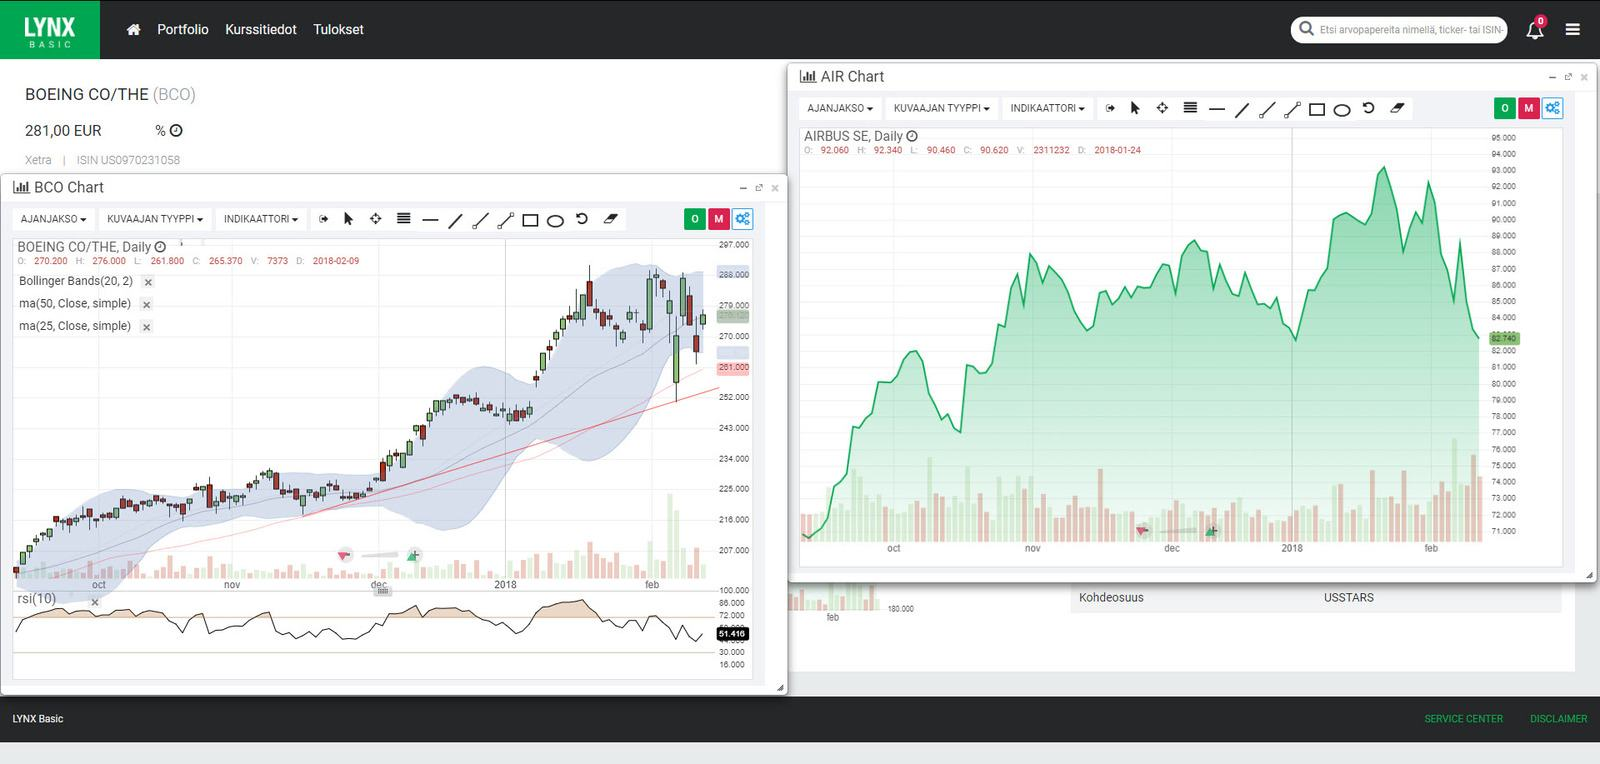 Kuvaaja - Tekninen analyysi, osakkeet